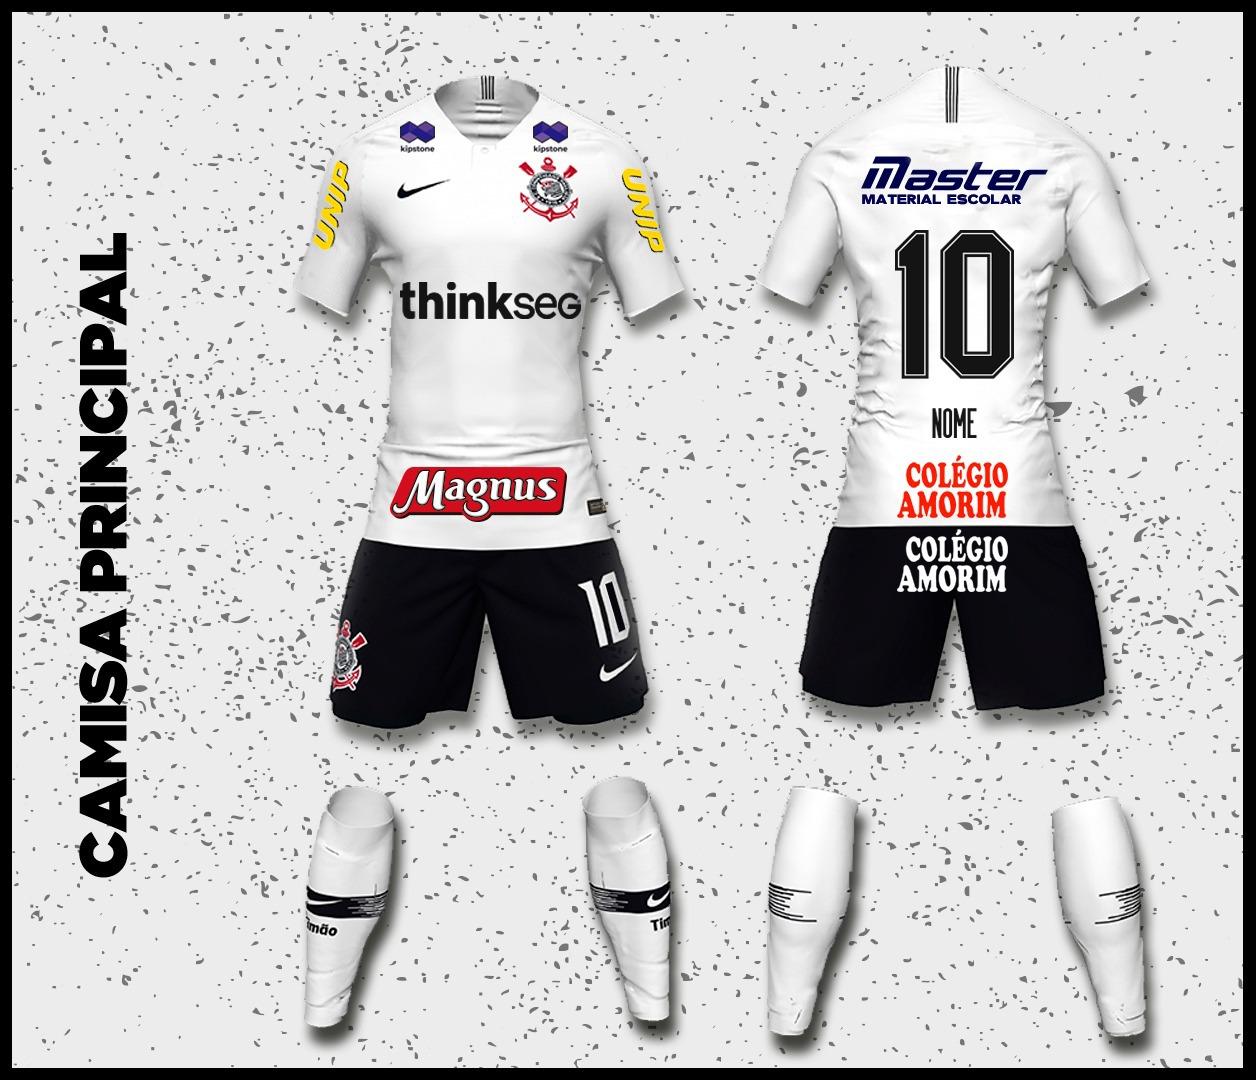 Futsal do Corinthians estreia com a marca da Thinkseg